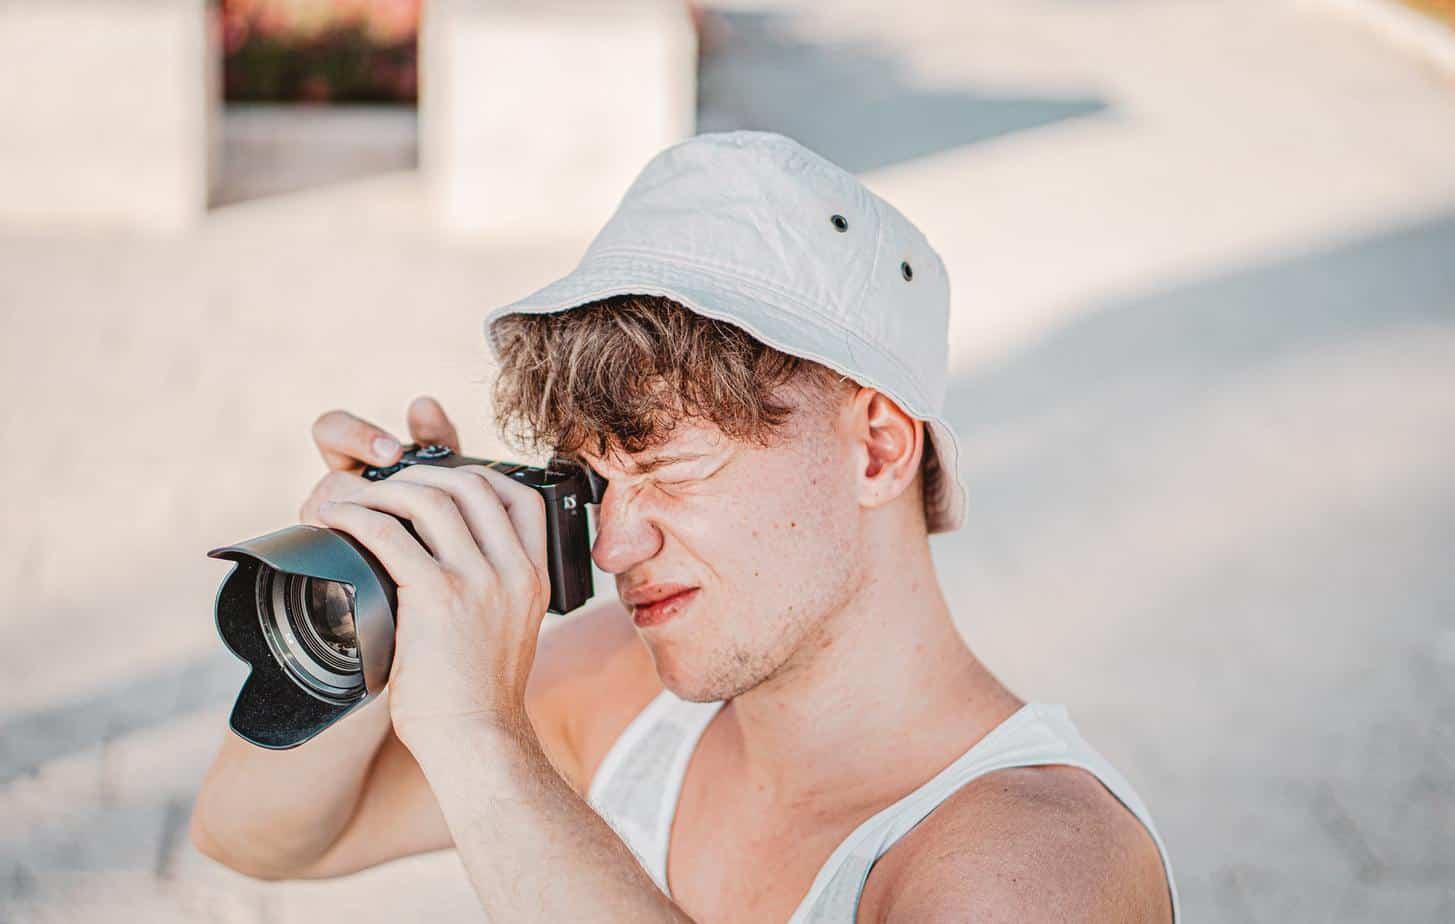 side hustle idea, photography